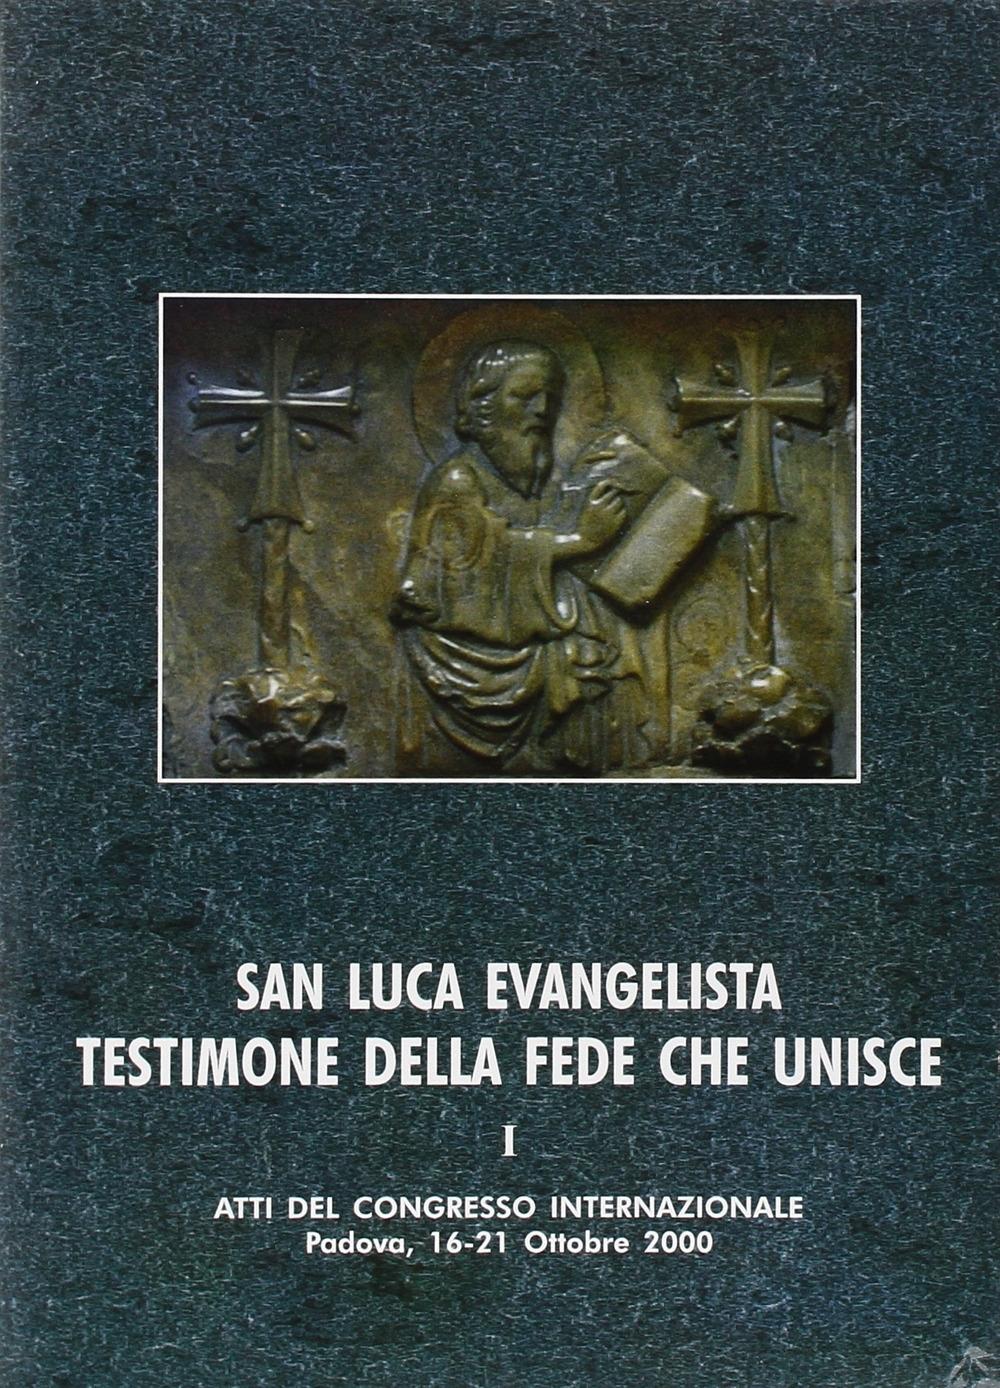 San Luca evangelista testimone della fede che unisce. Atti del Convegno internazionale (Padova, 16-21 ottobre 2000). Vol. 1: L'unità letteraria e teologica dell'opera di Luca.